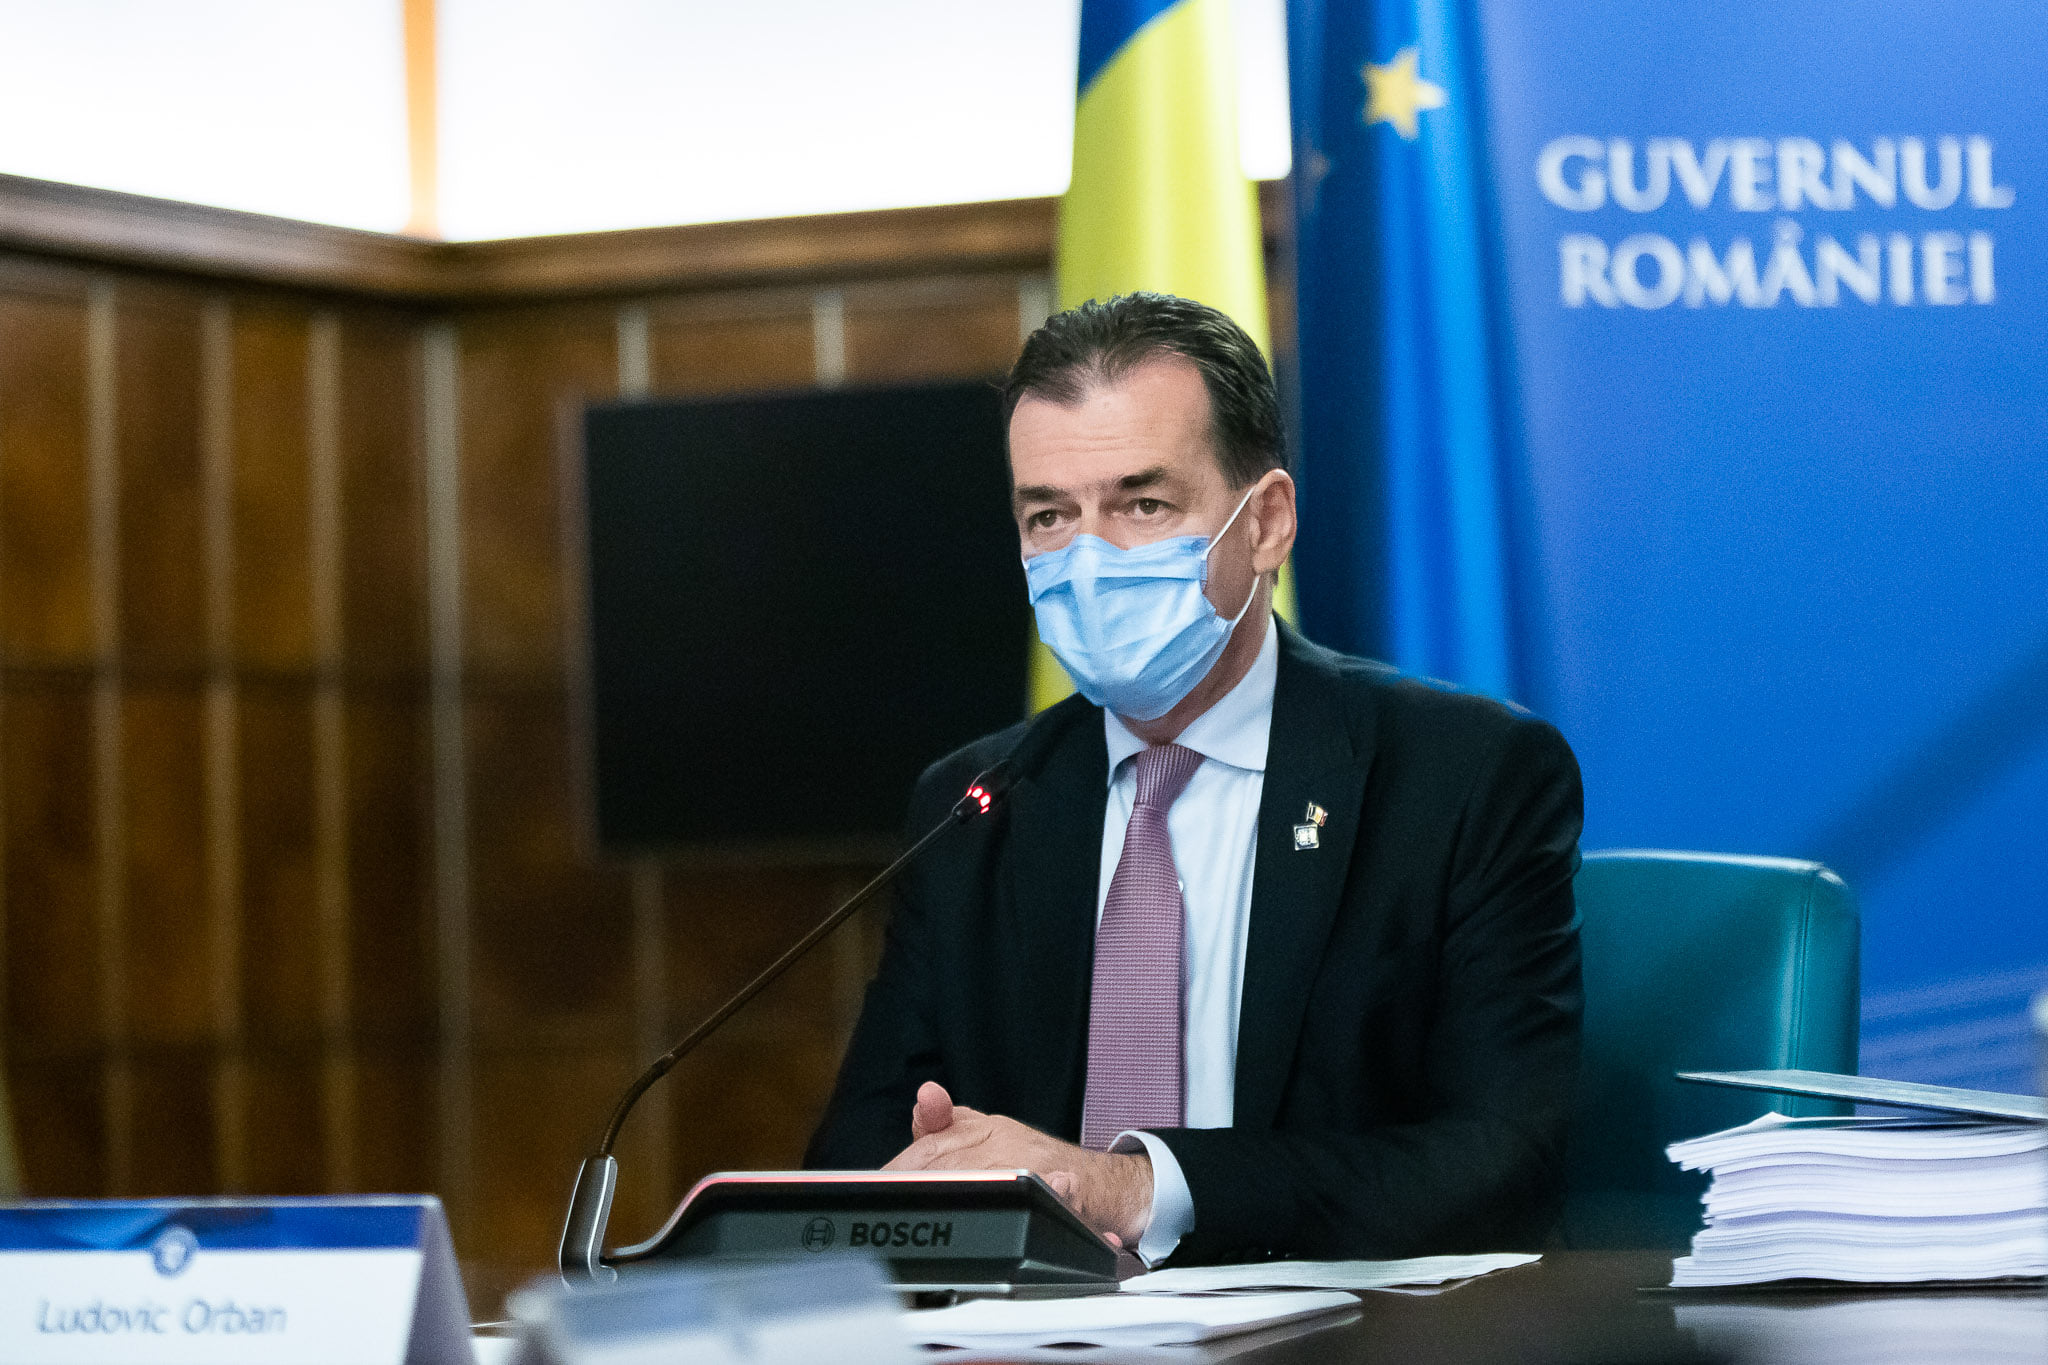 Premierul Ludovic Orban: România va beneficia de fonduri europene de peste  patru miliarde de euro pentru investiții în sănătate - caleaeuropeana.ro